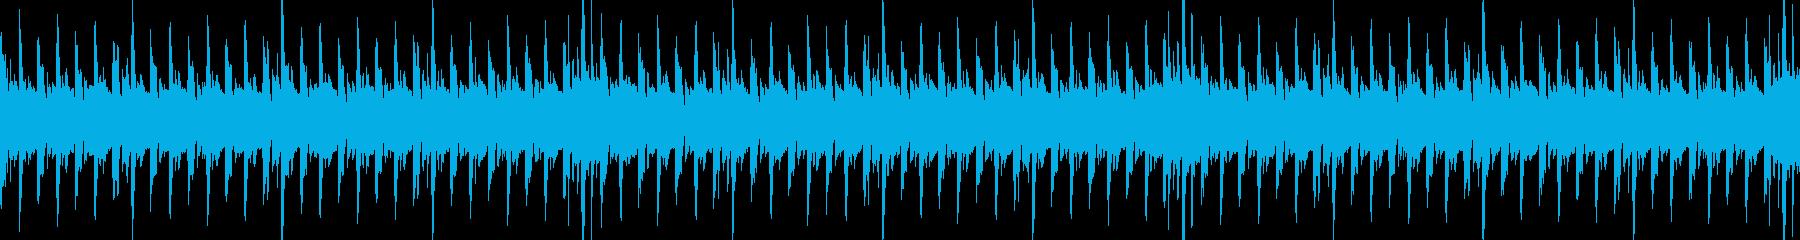 キックドラムとベースラインのシックな音楽の再生済みの波形